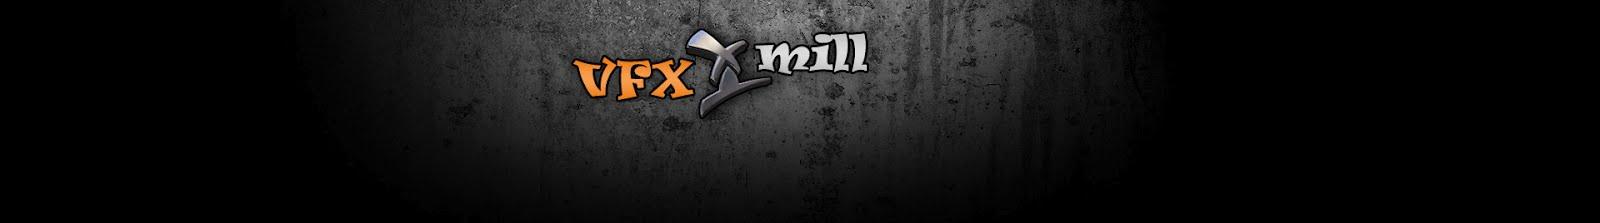 VFX Mill Blog